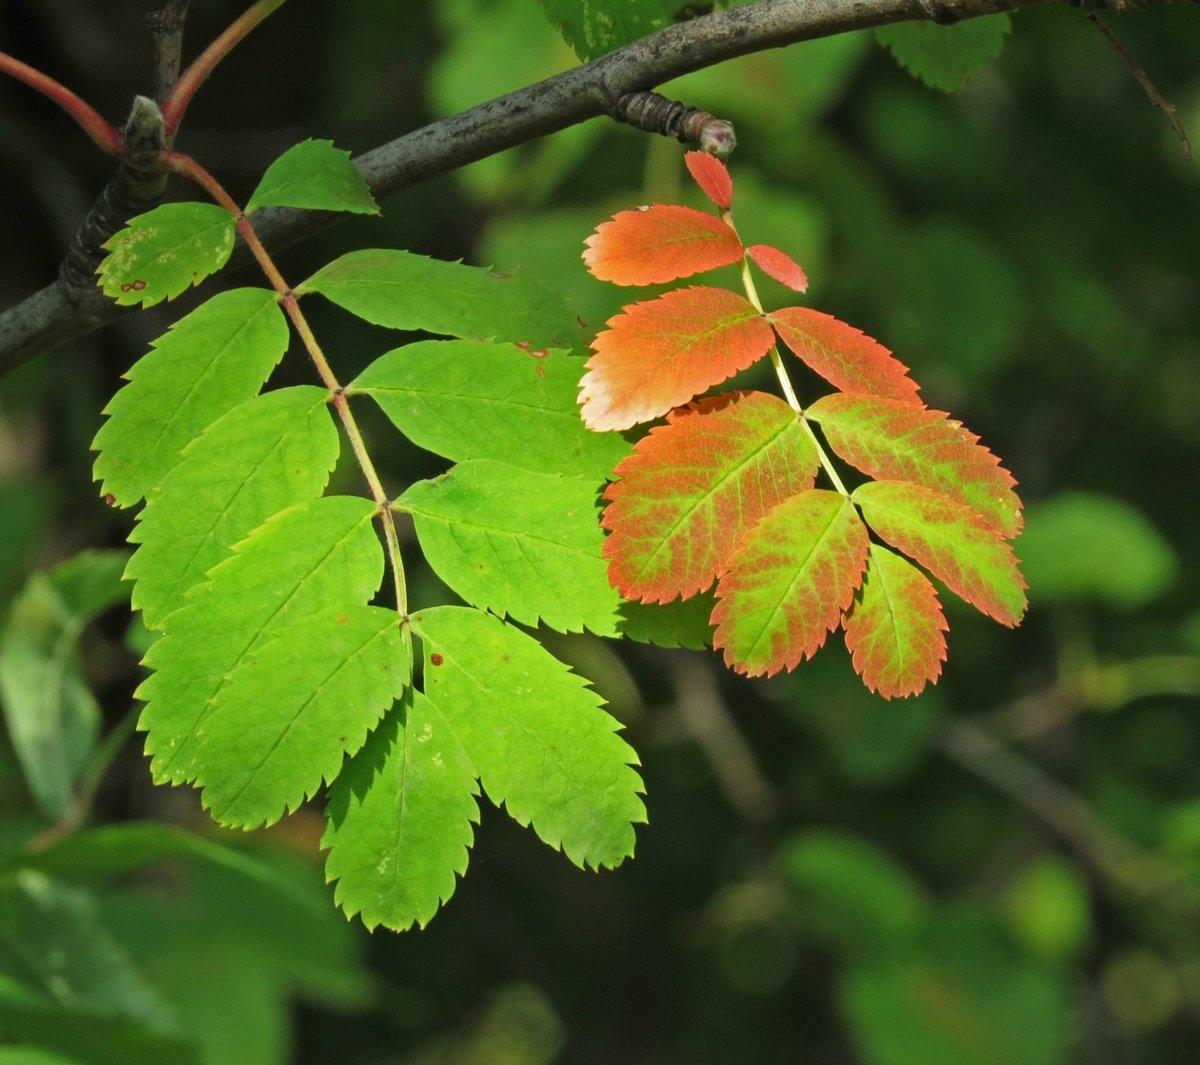 картинки осенняя листва рябина отдать